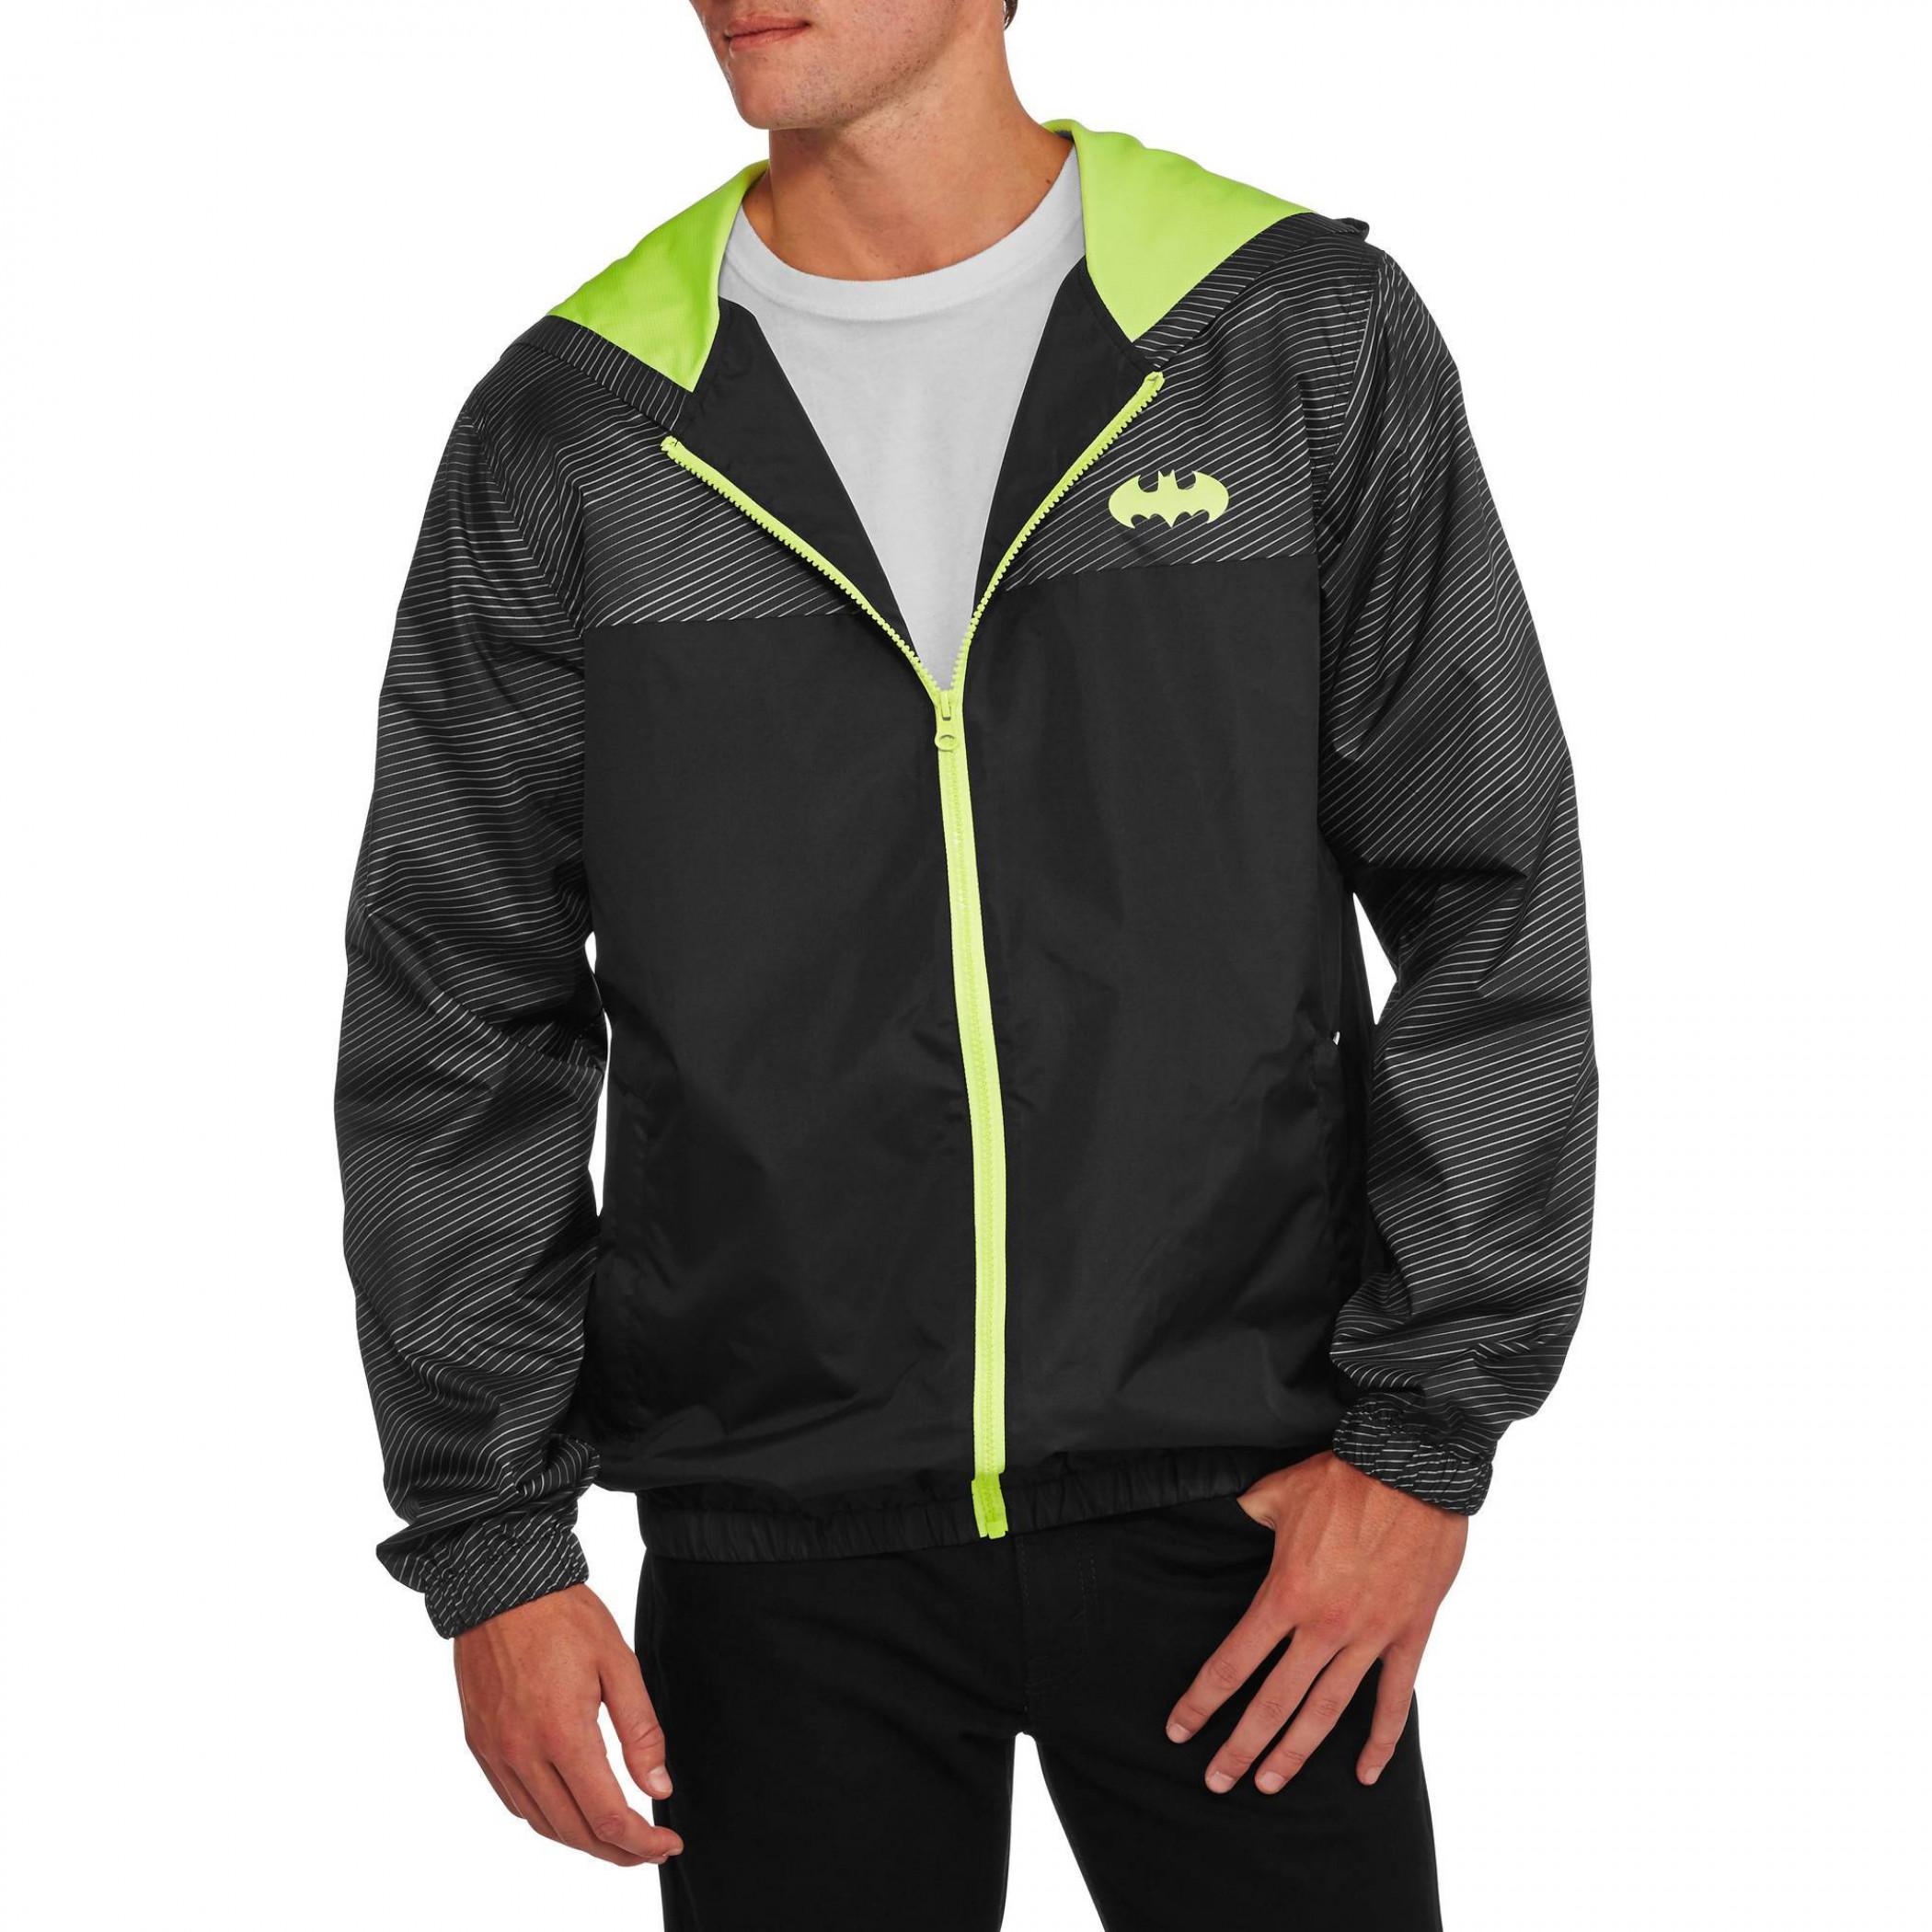 Batman Lightweight Full Zip Windbreaker Jacket